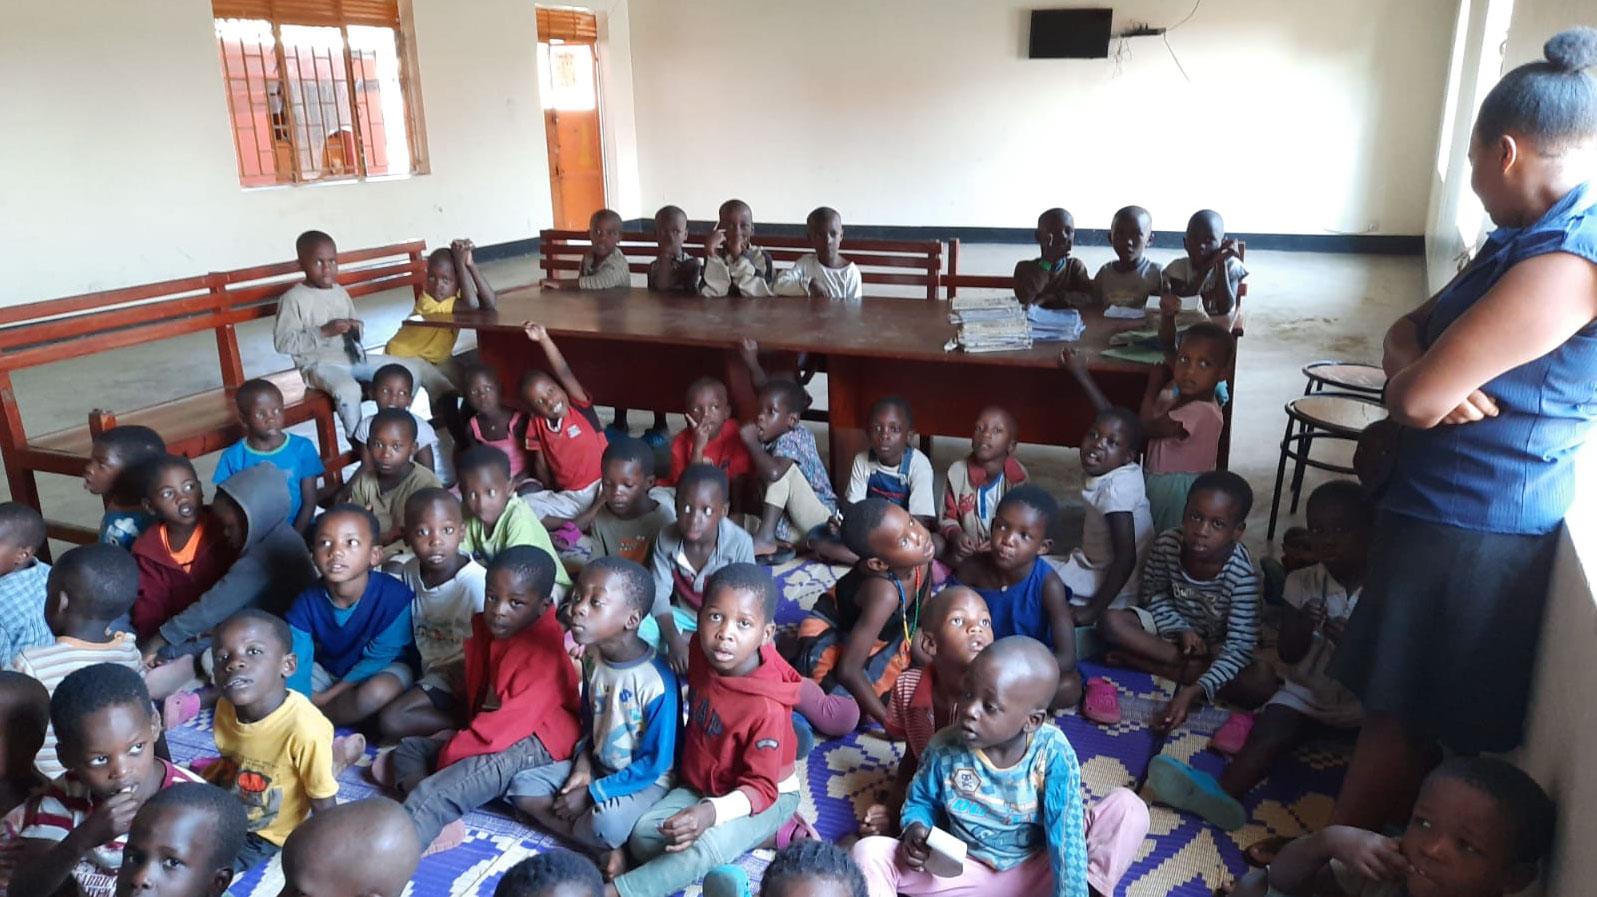 jestescieswiatlem-Budowa-domu-dla-bezdomnych-dzieci-w-Ugandzie-7